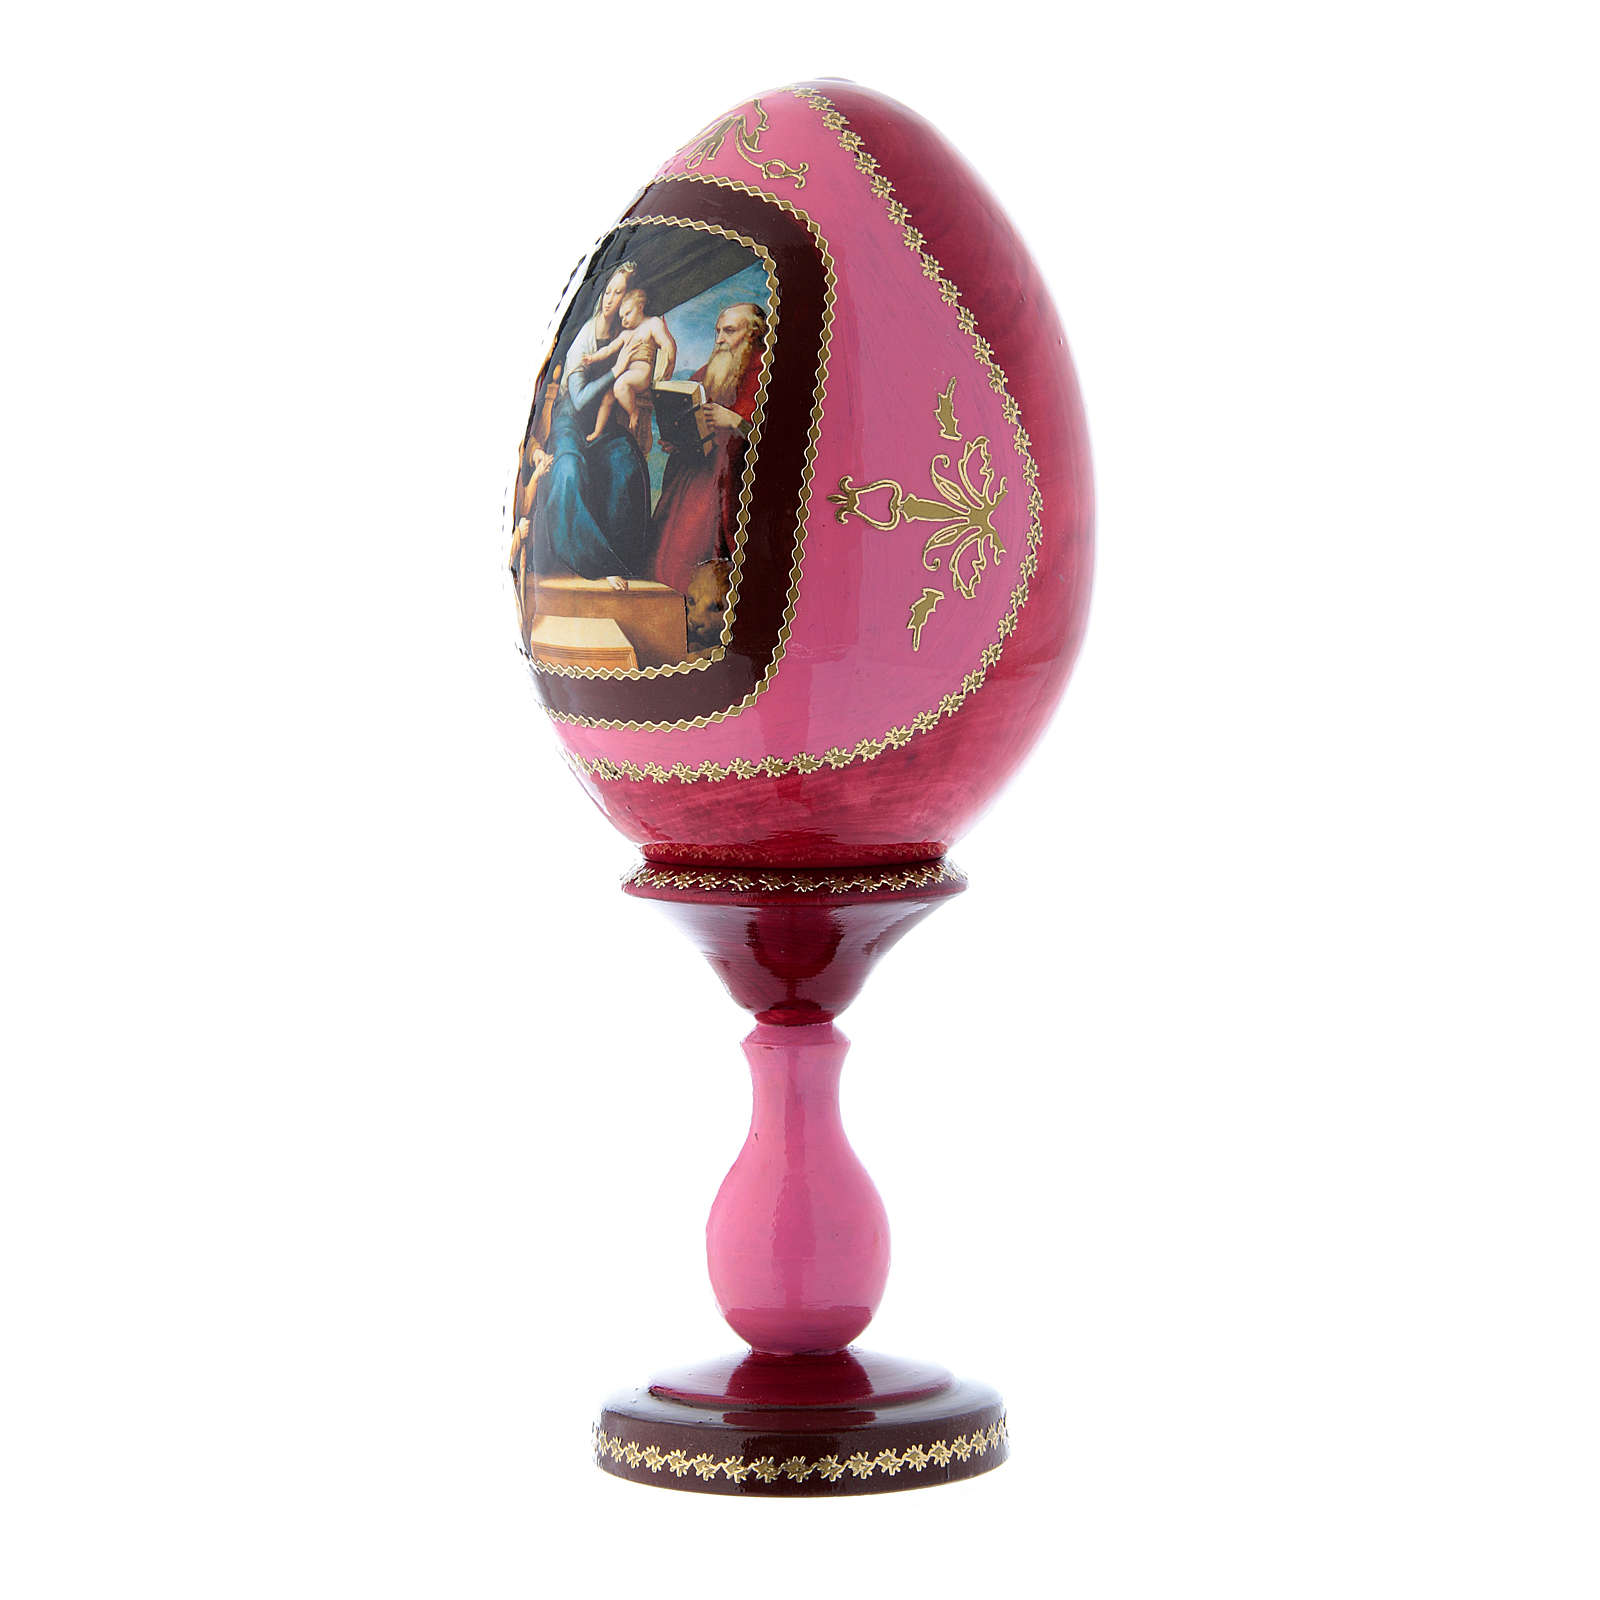 Uovo in legno La Madonna del Pesce russo découpage rosso h tot 20 cm 4